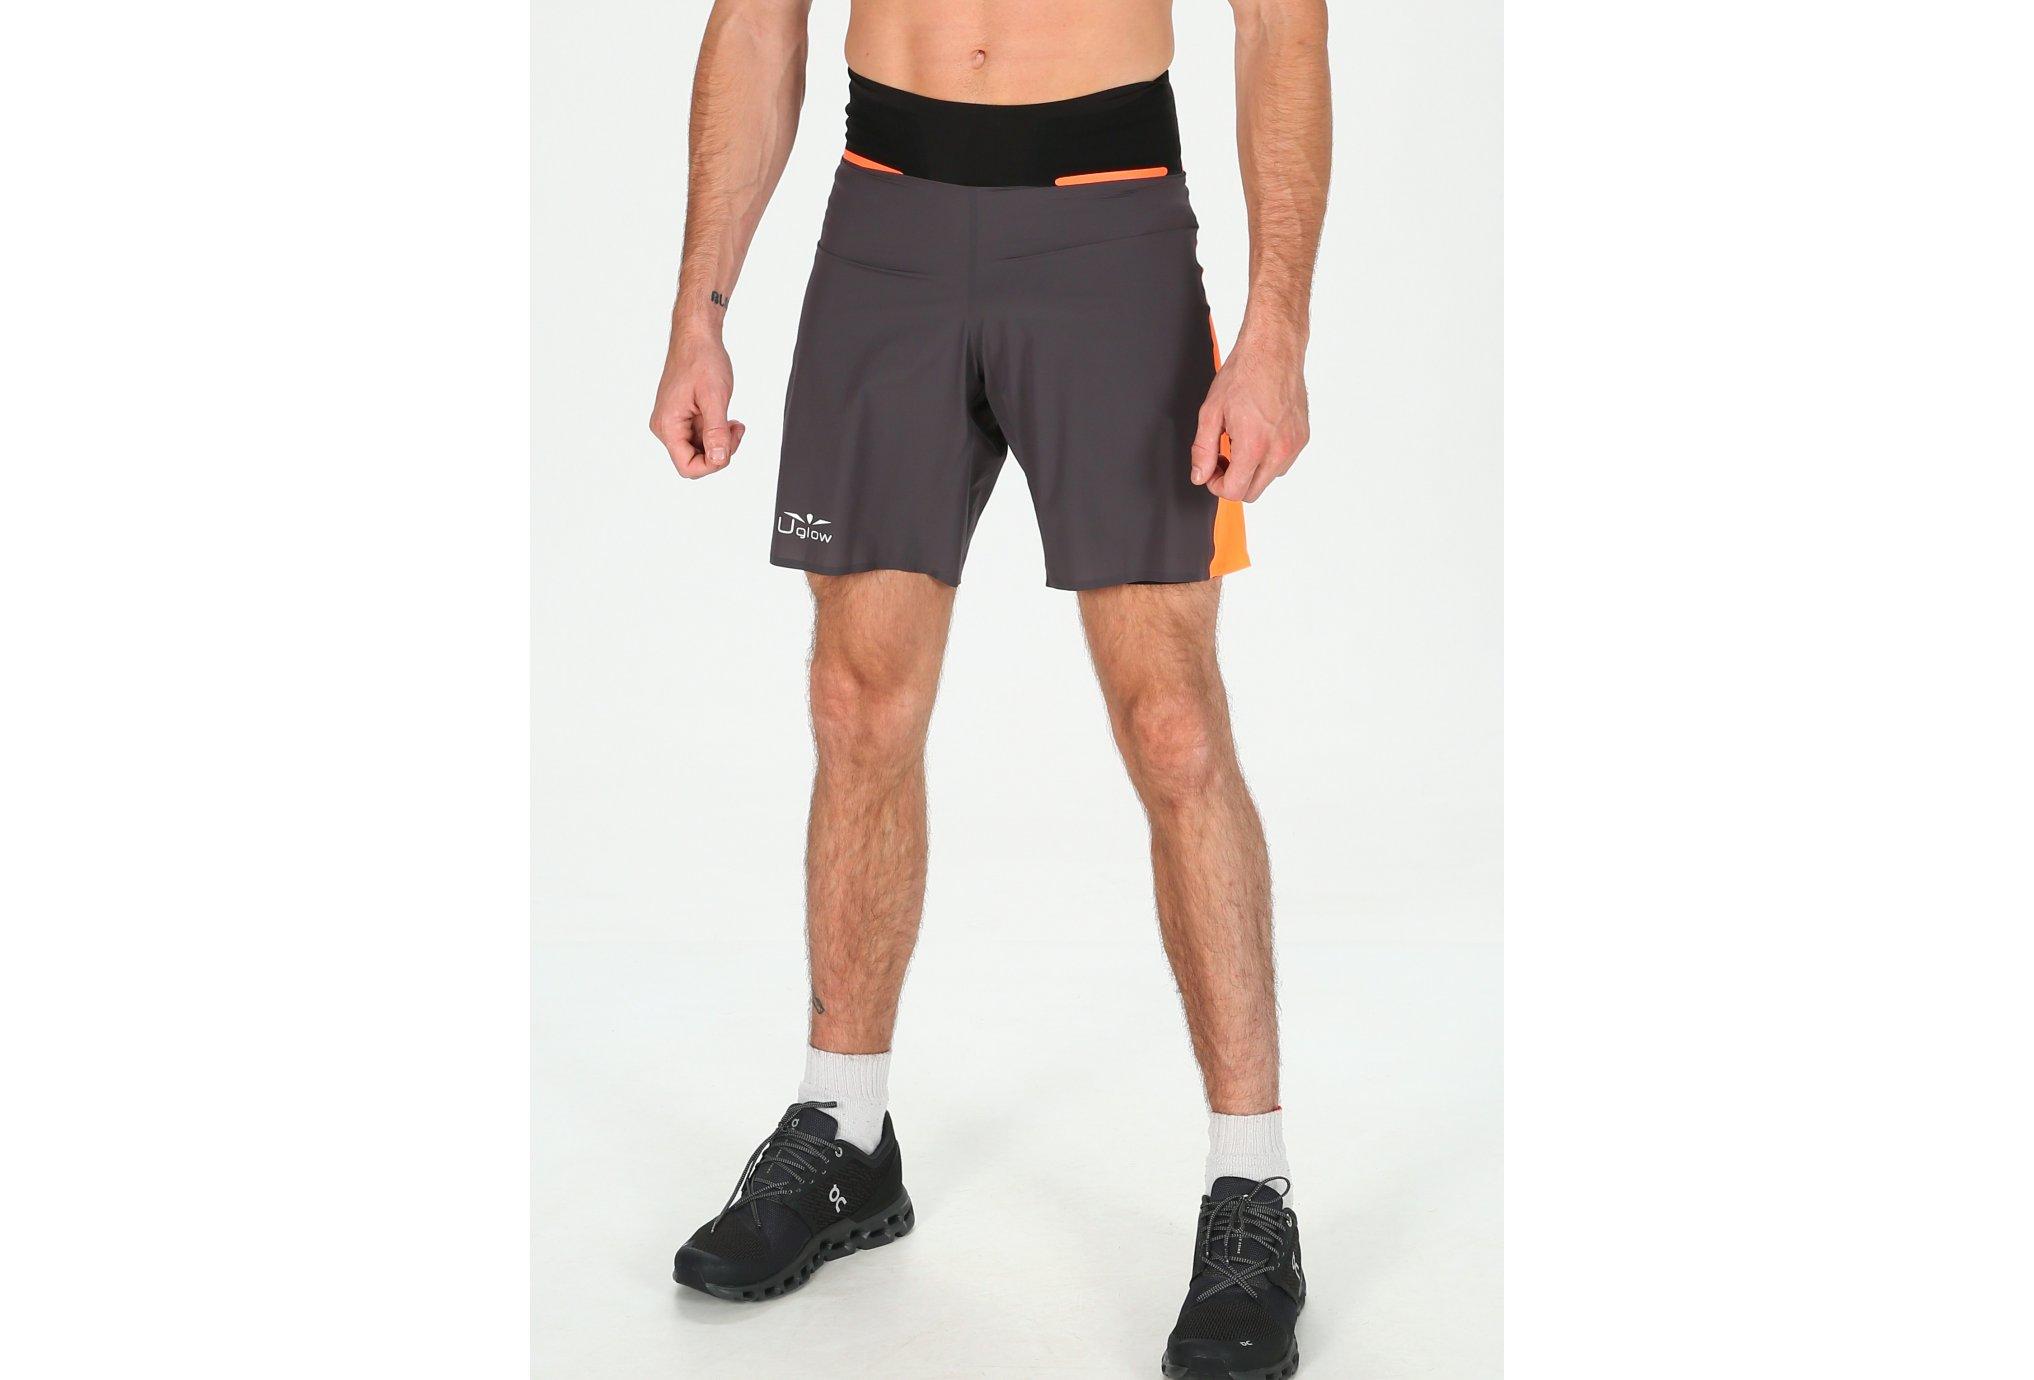 Uglow Short M Diététique Vêtements homme